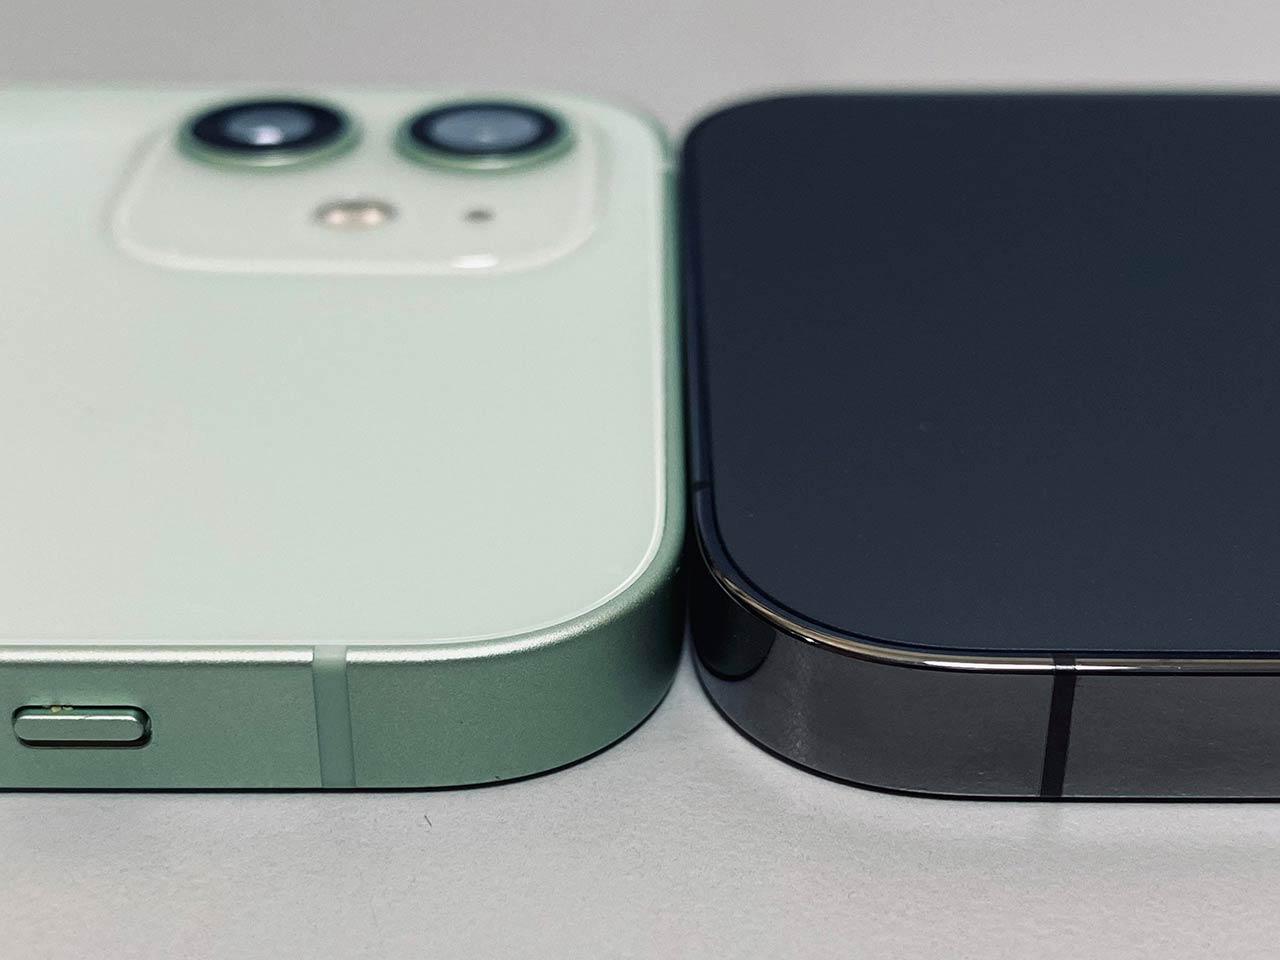 いい意味で予想を裏切ってきたiPhone 12 12 Proのカメラ ホワイトバランスと暗部階調が劇的改善(本田雅一) - Engadget 日本版